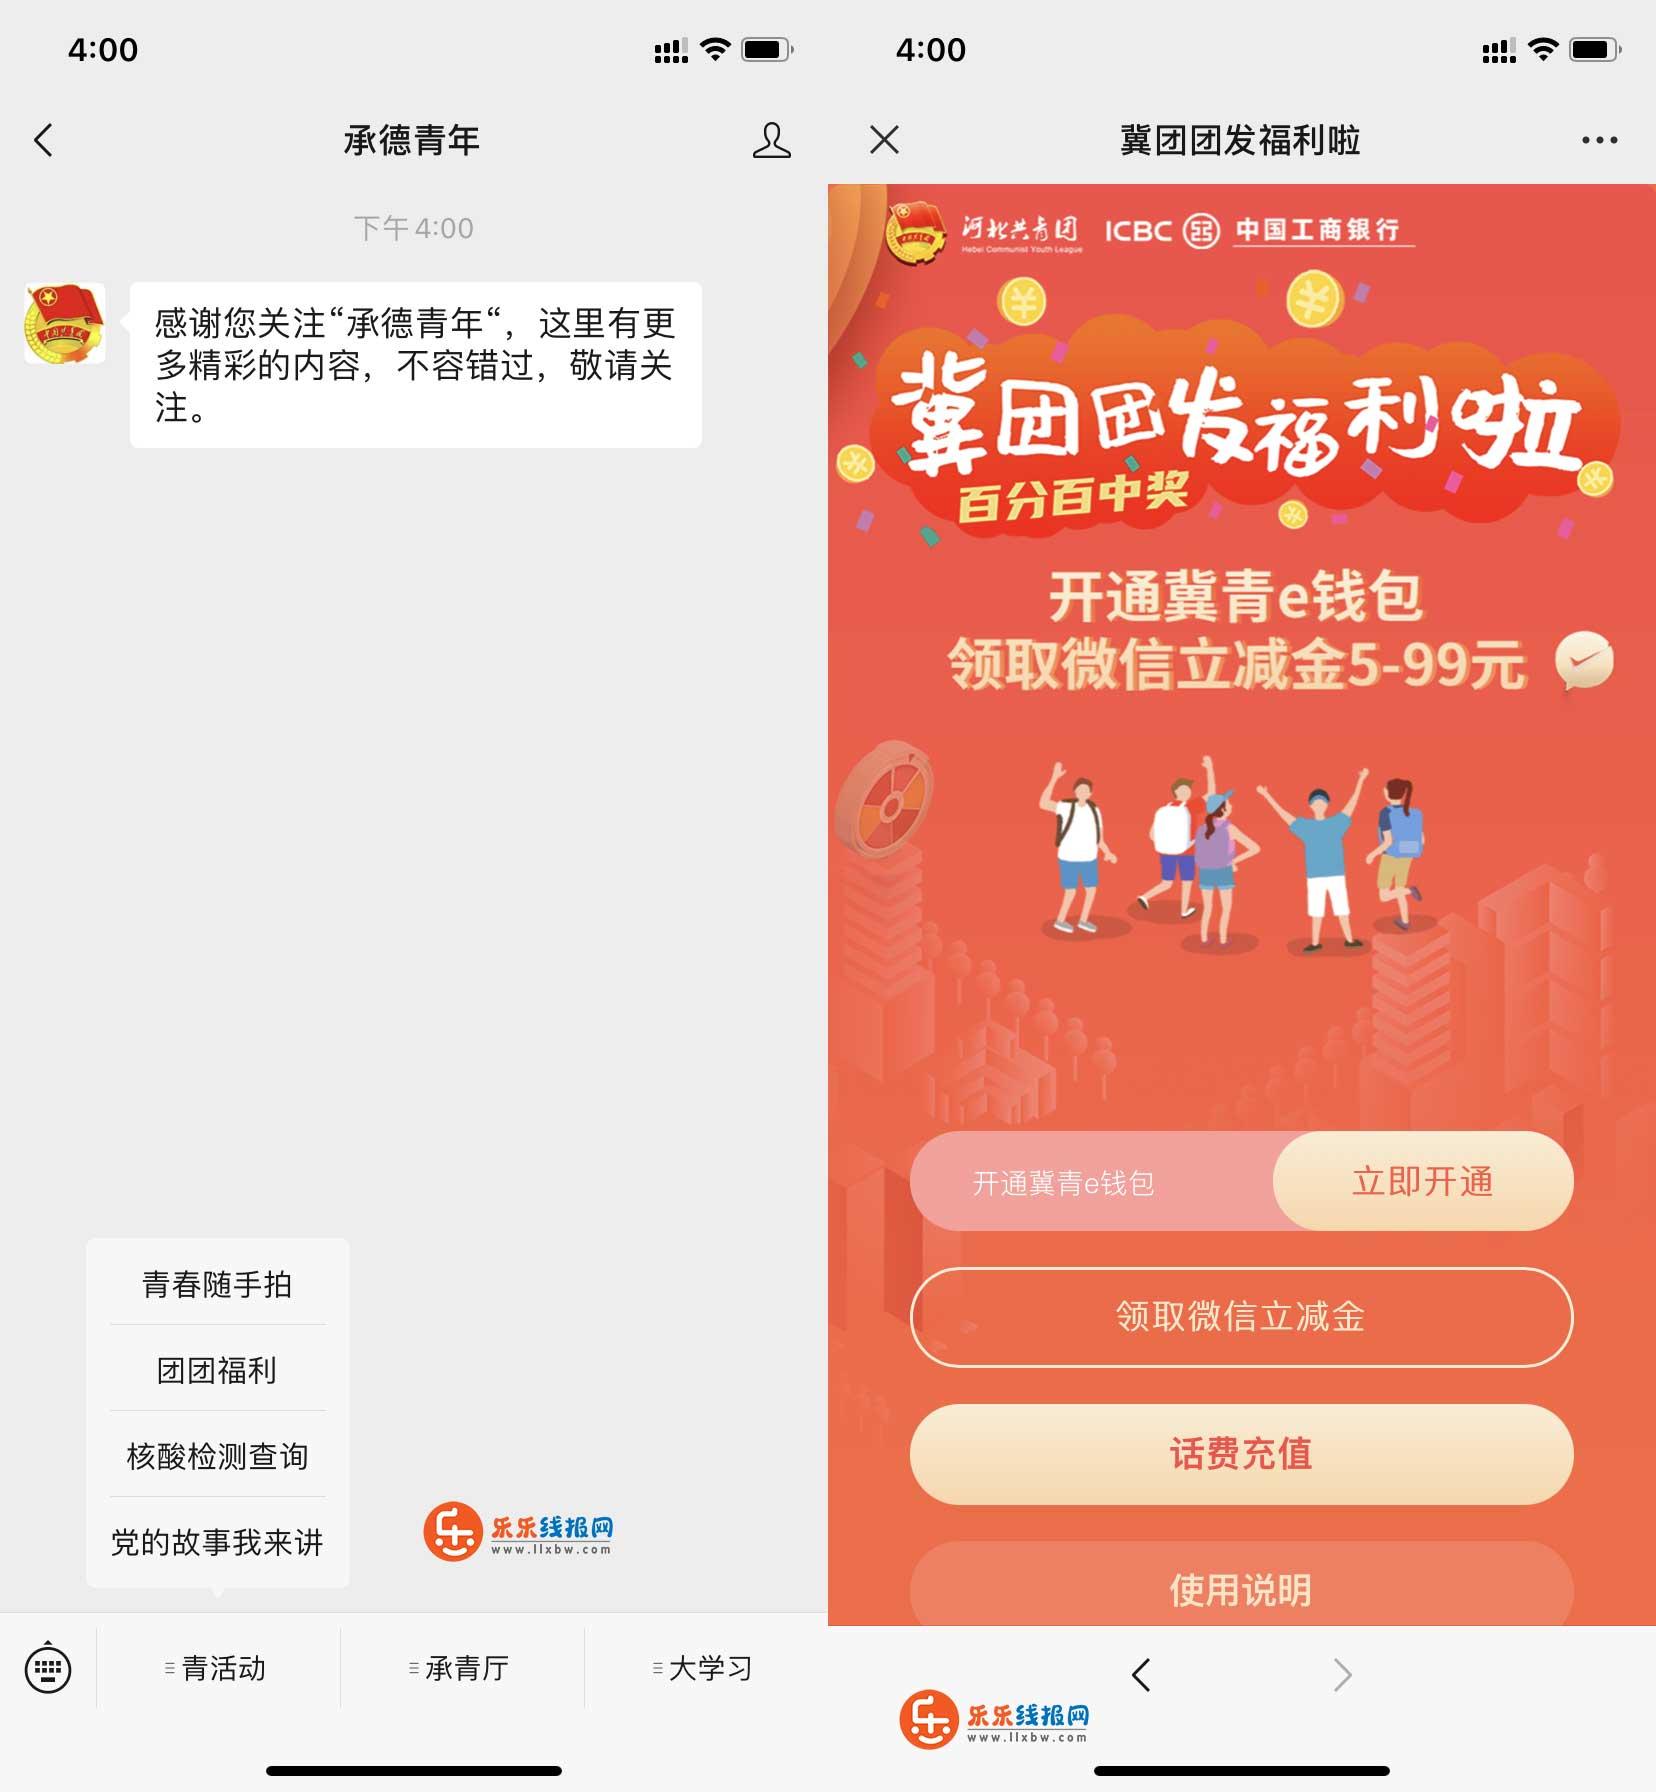 开通冀青e钱包领5~99元微信立减金  第1张